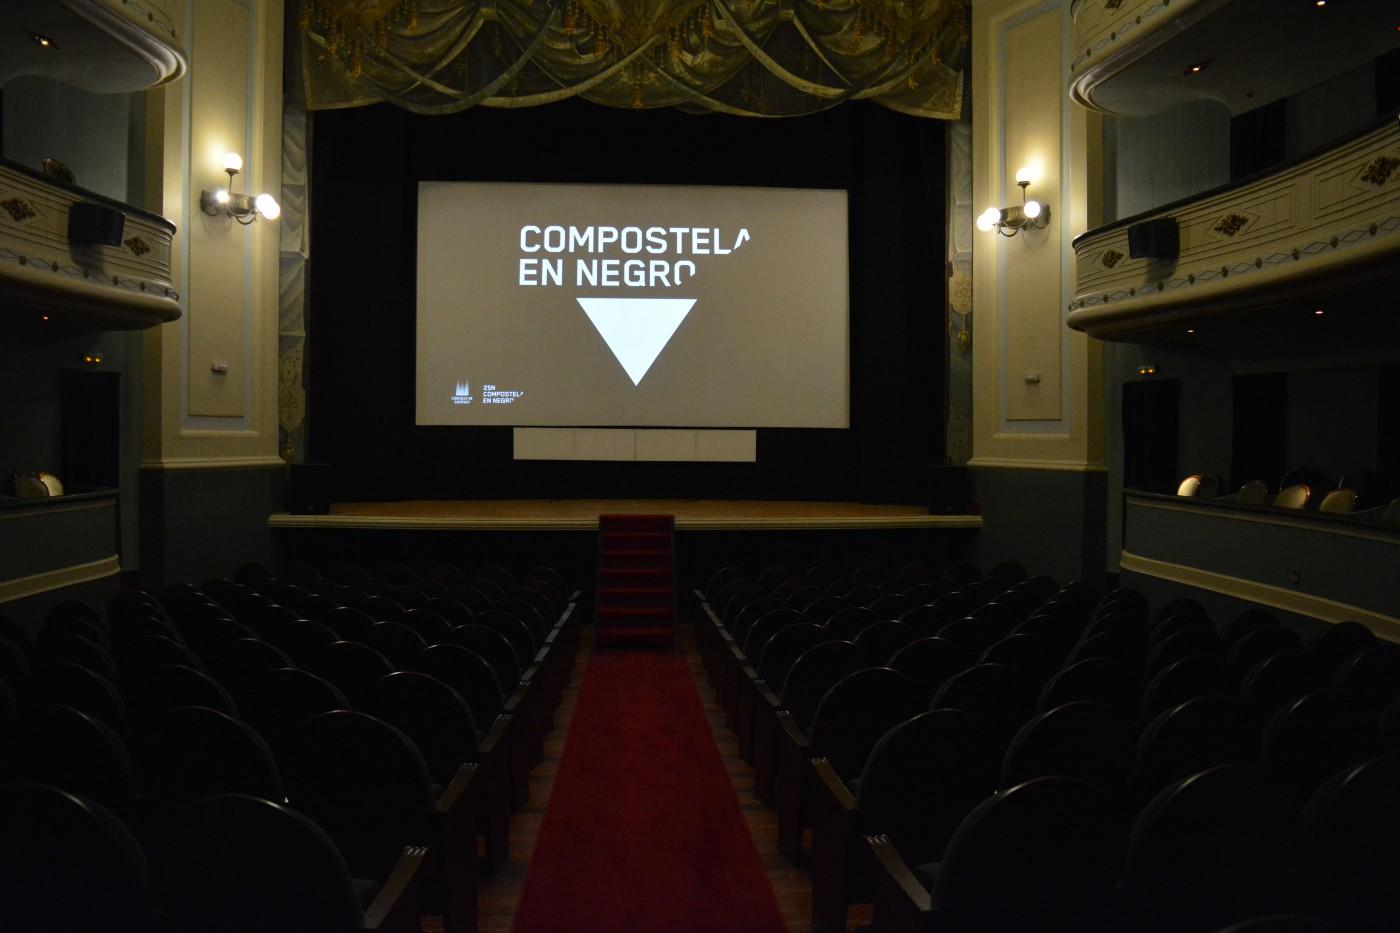 Compostela en negro proxectada en cineuropa